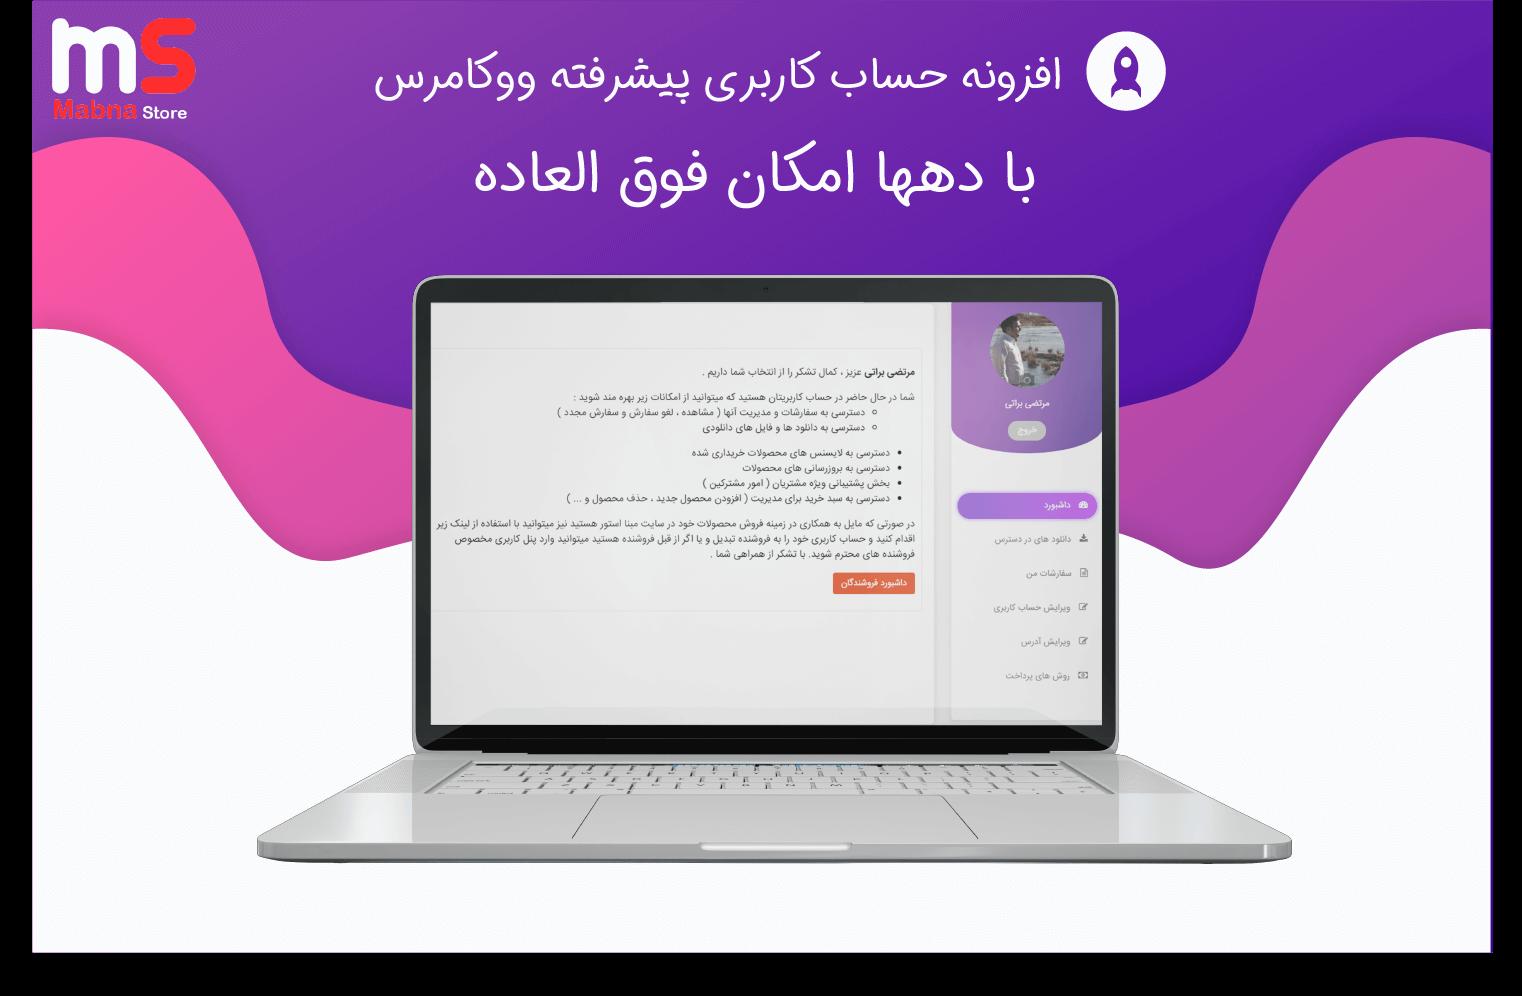 افزونه پنل کاربری حرفه ای ووکامرس برای مدیریت حساب کاربری وردپرس